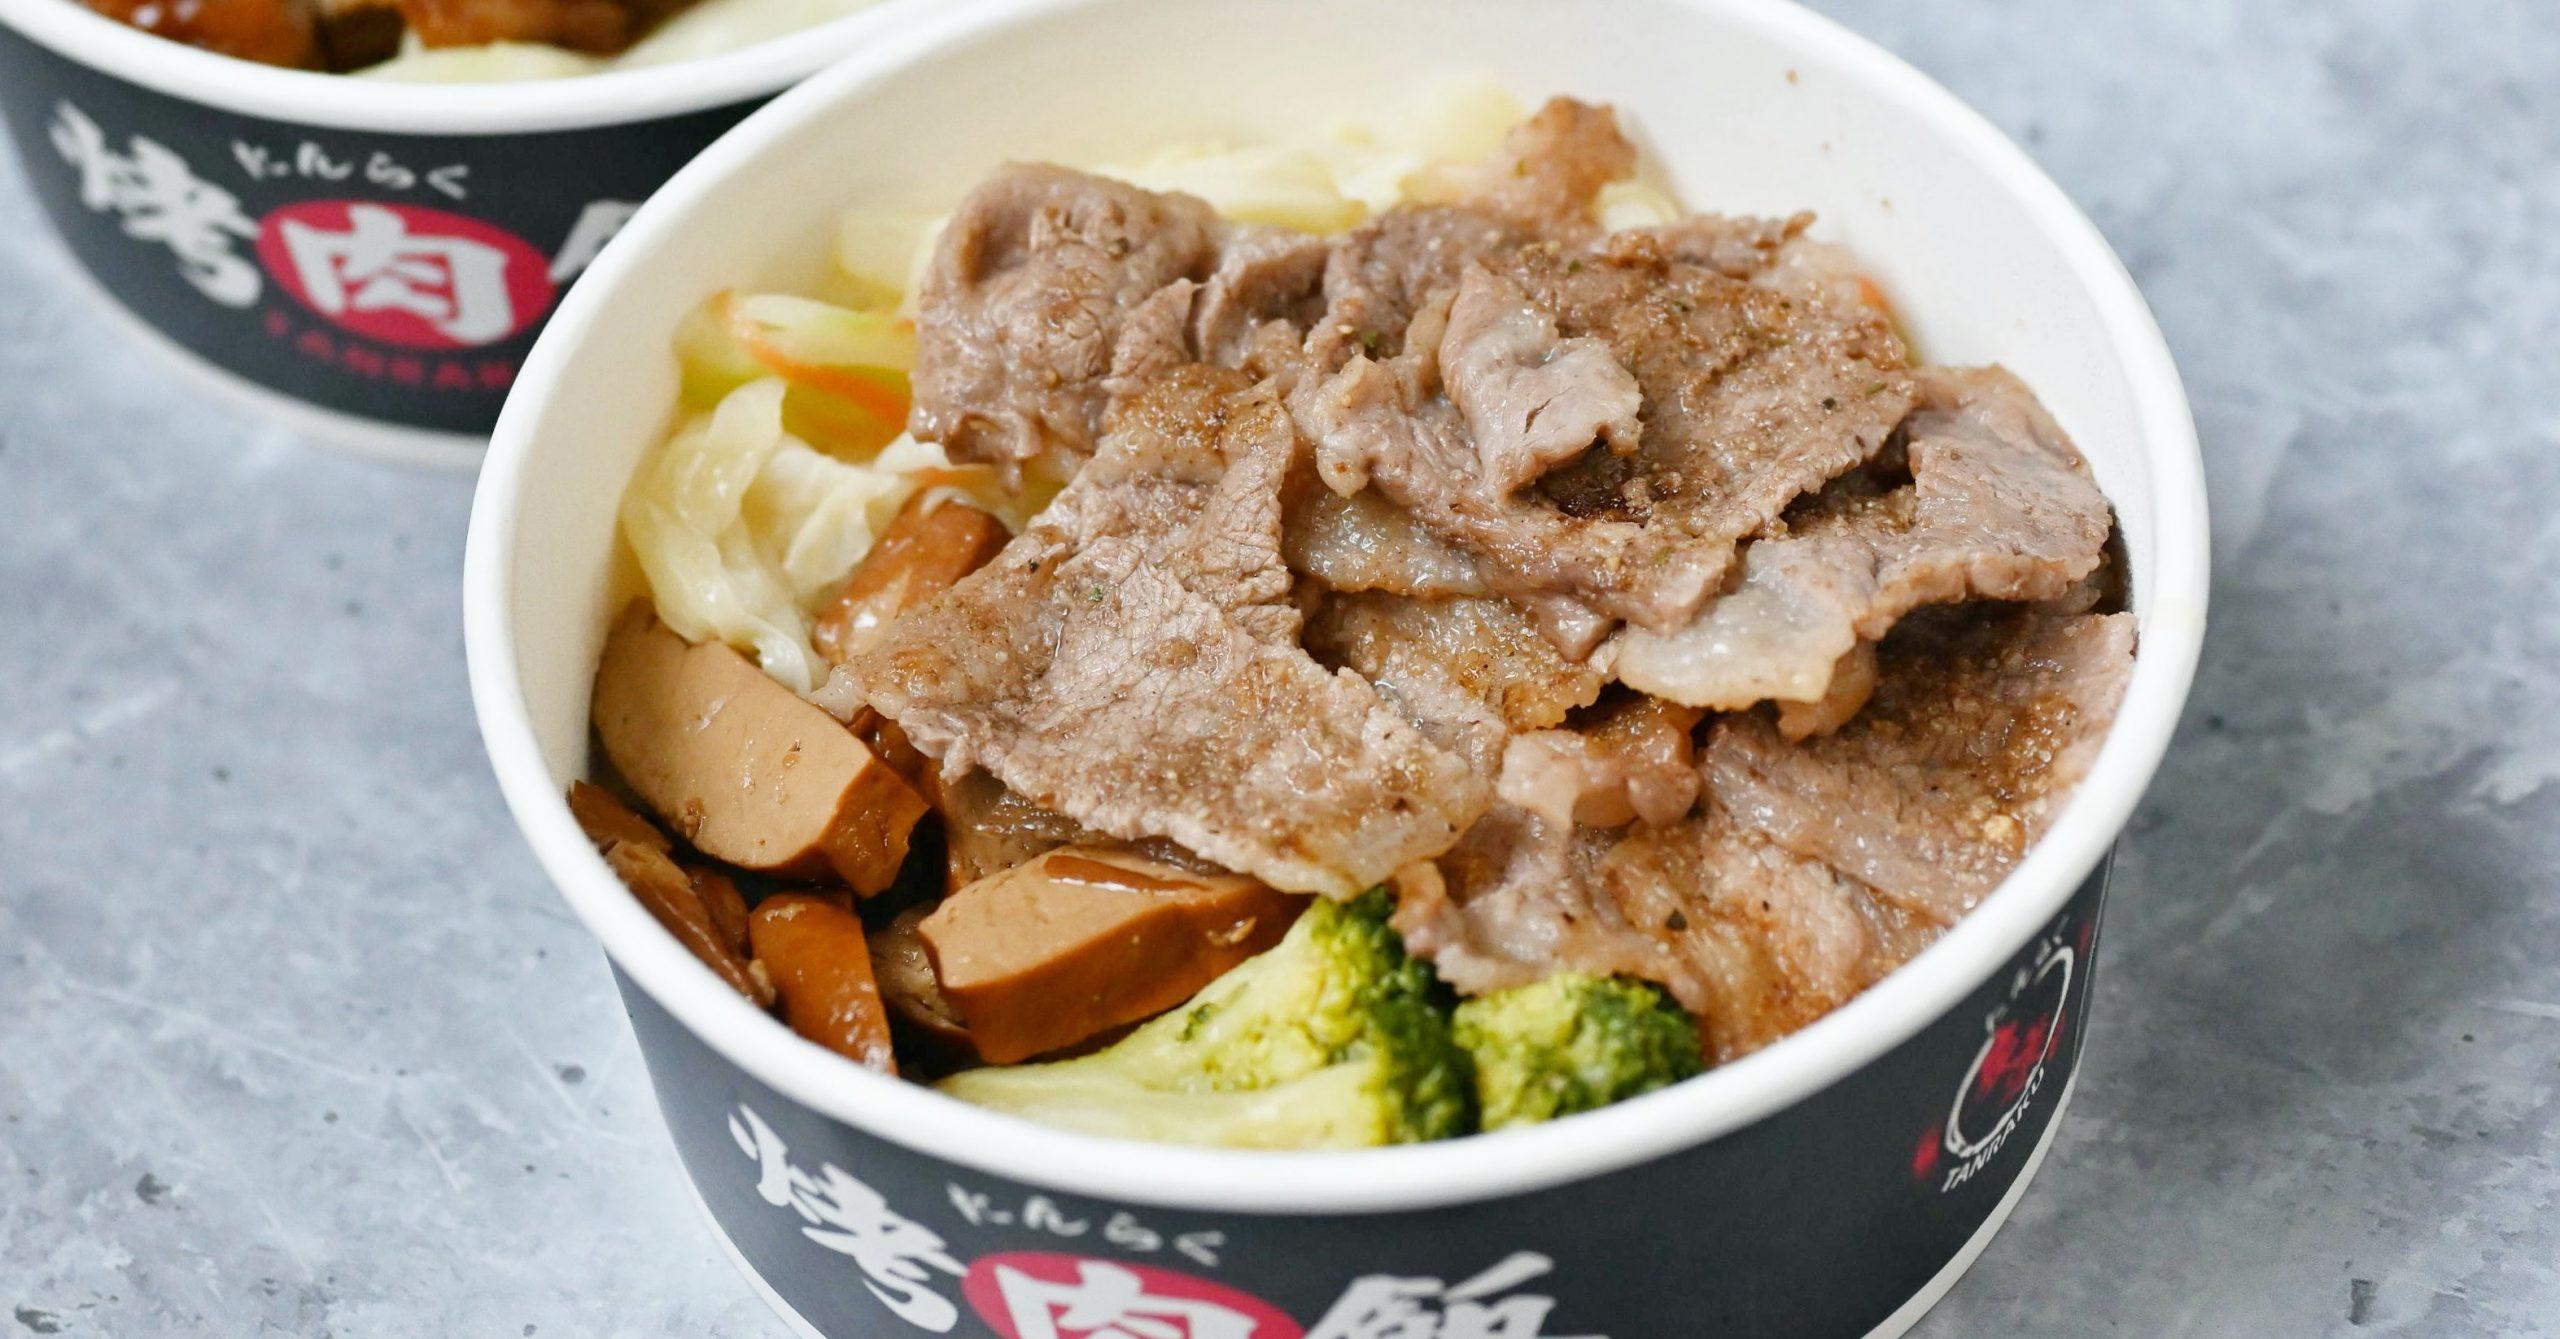 今日熱門文章:【天母美食】炭樂烤肉飯天母店,鹽烤醬烤都不錯 (菜單)